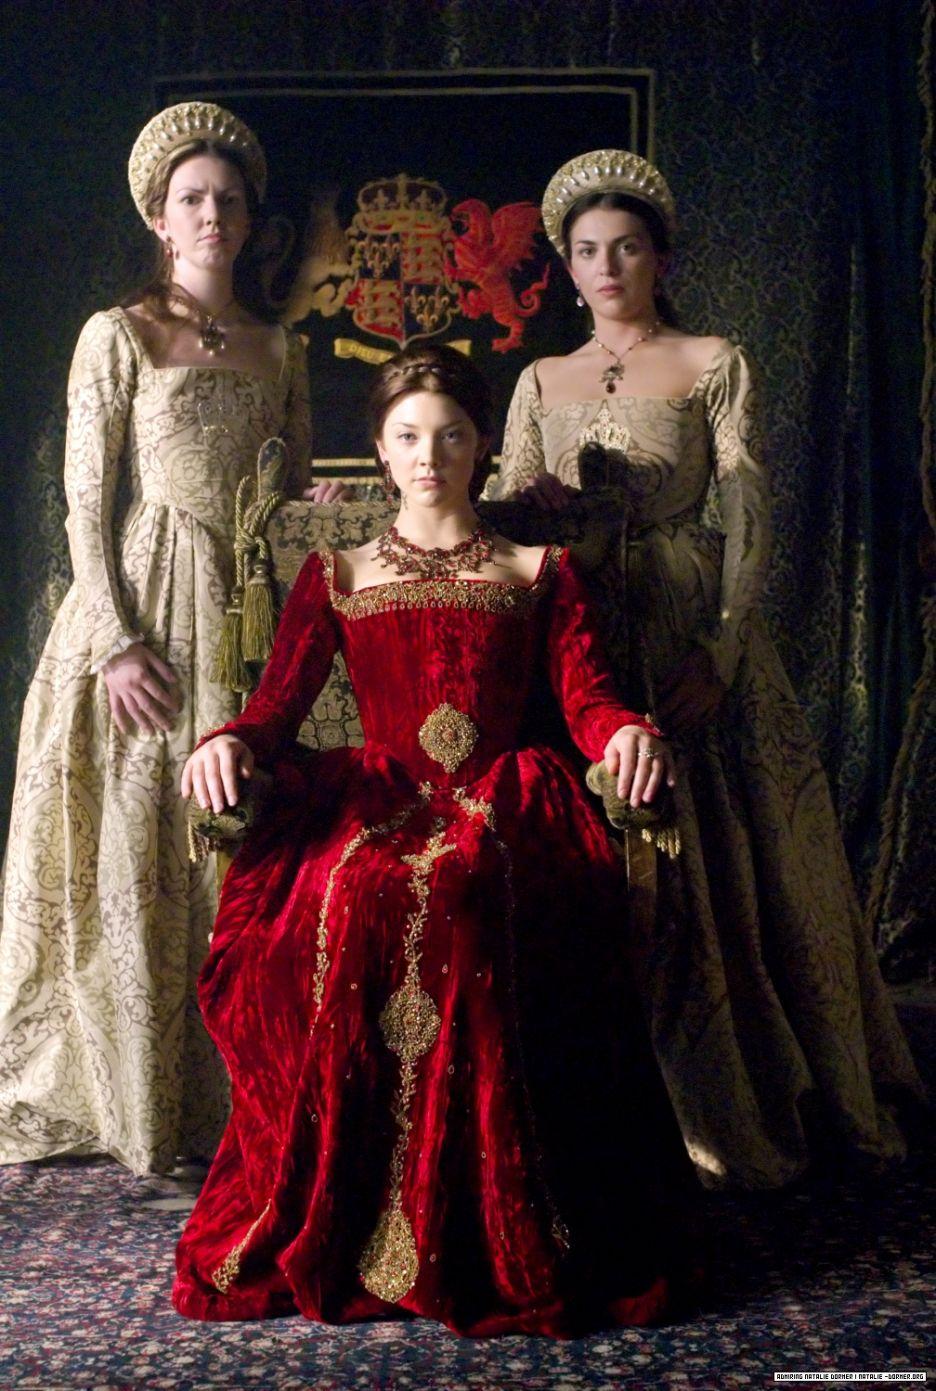 Tudorok - Számomra hatalmas kedvenc, a ruhák miatt is